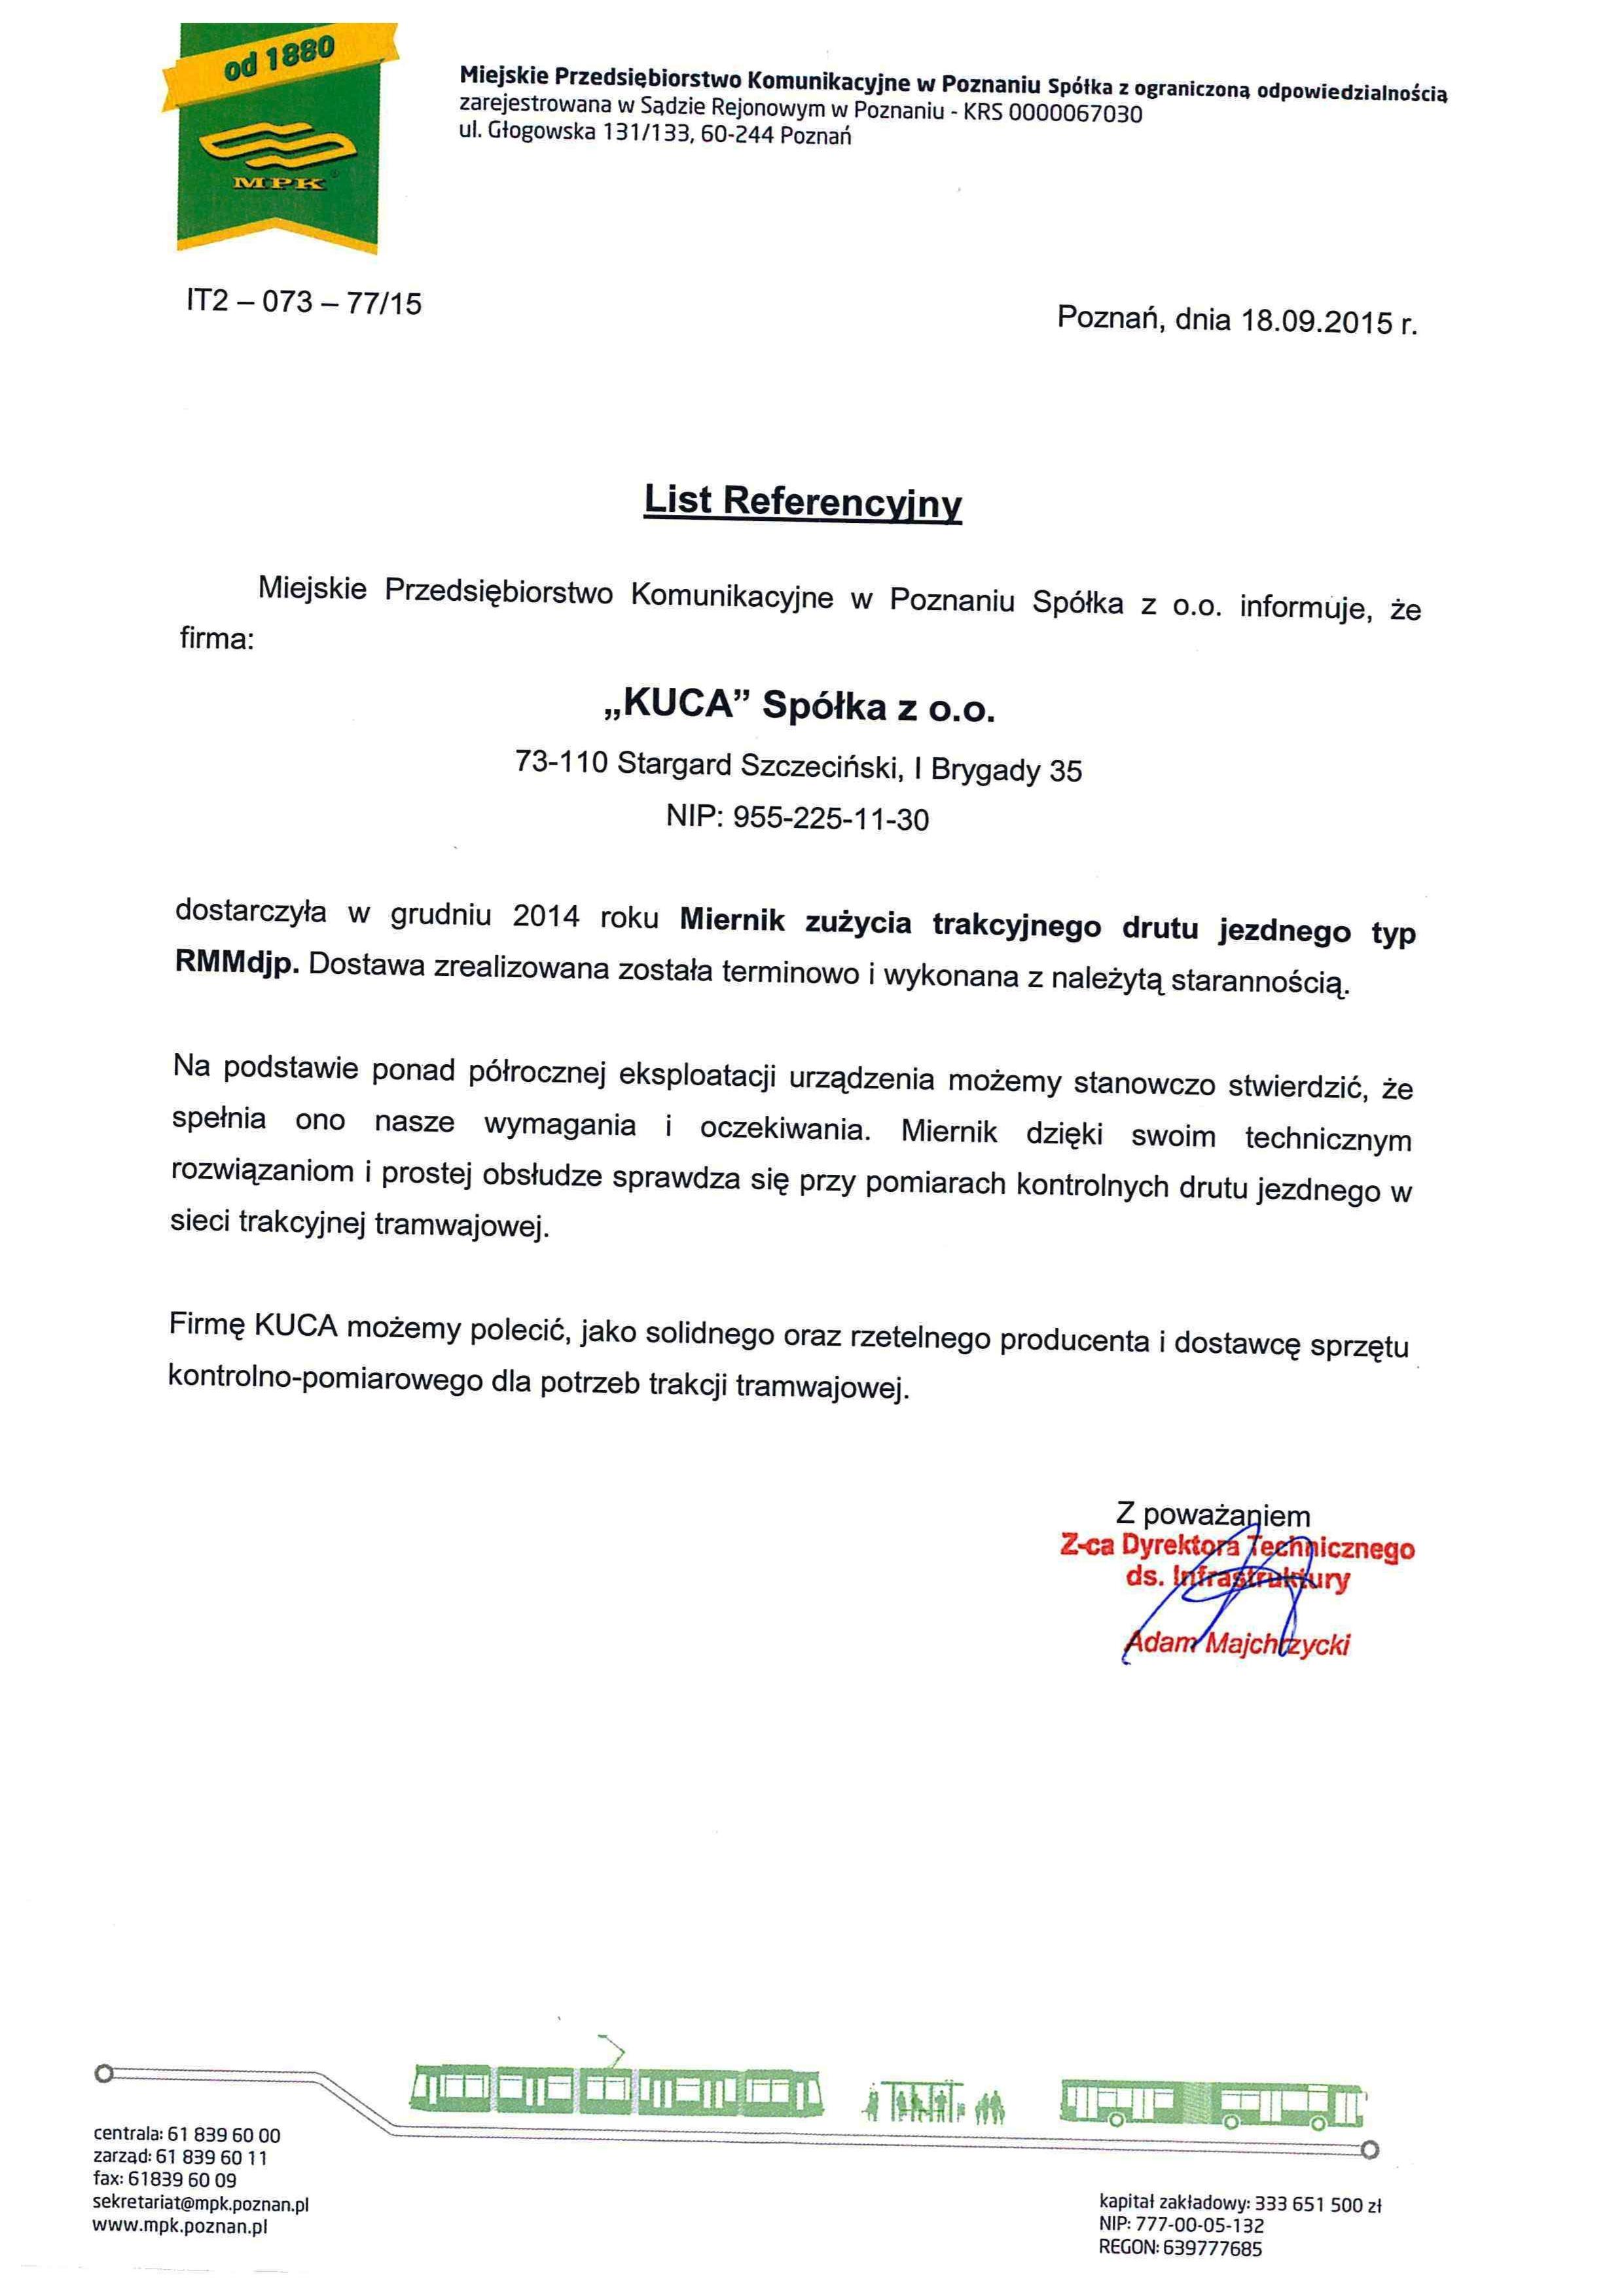 Referencje MPK 18.09.2015